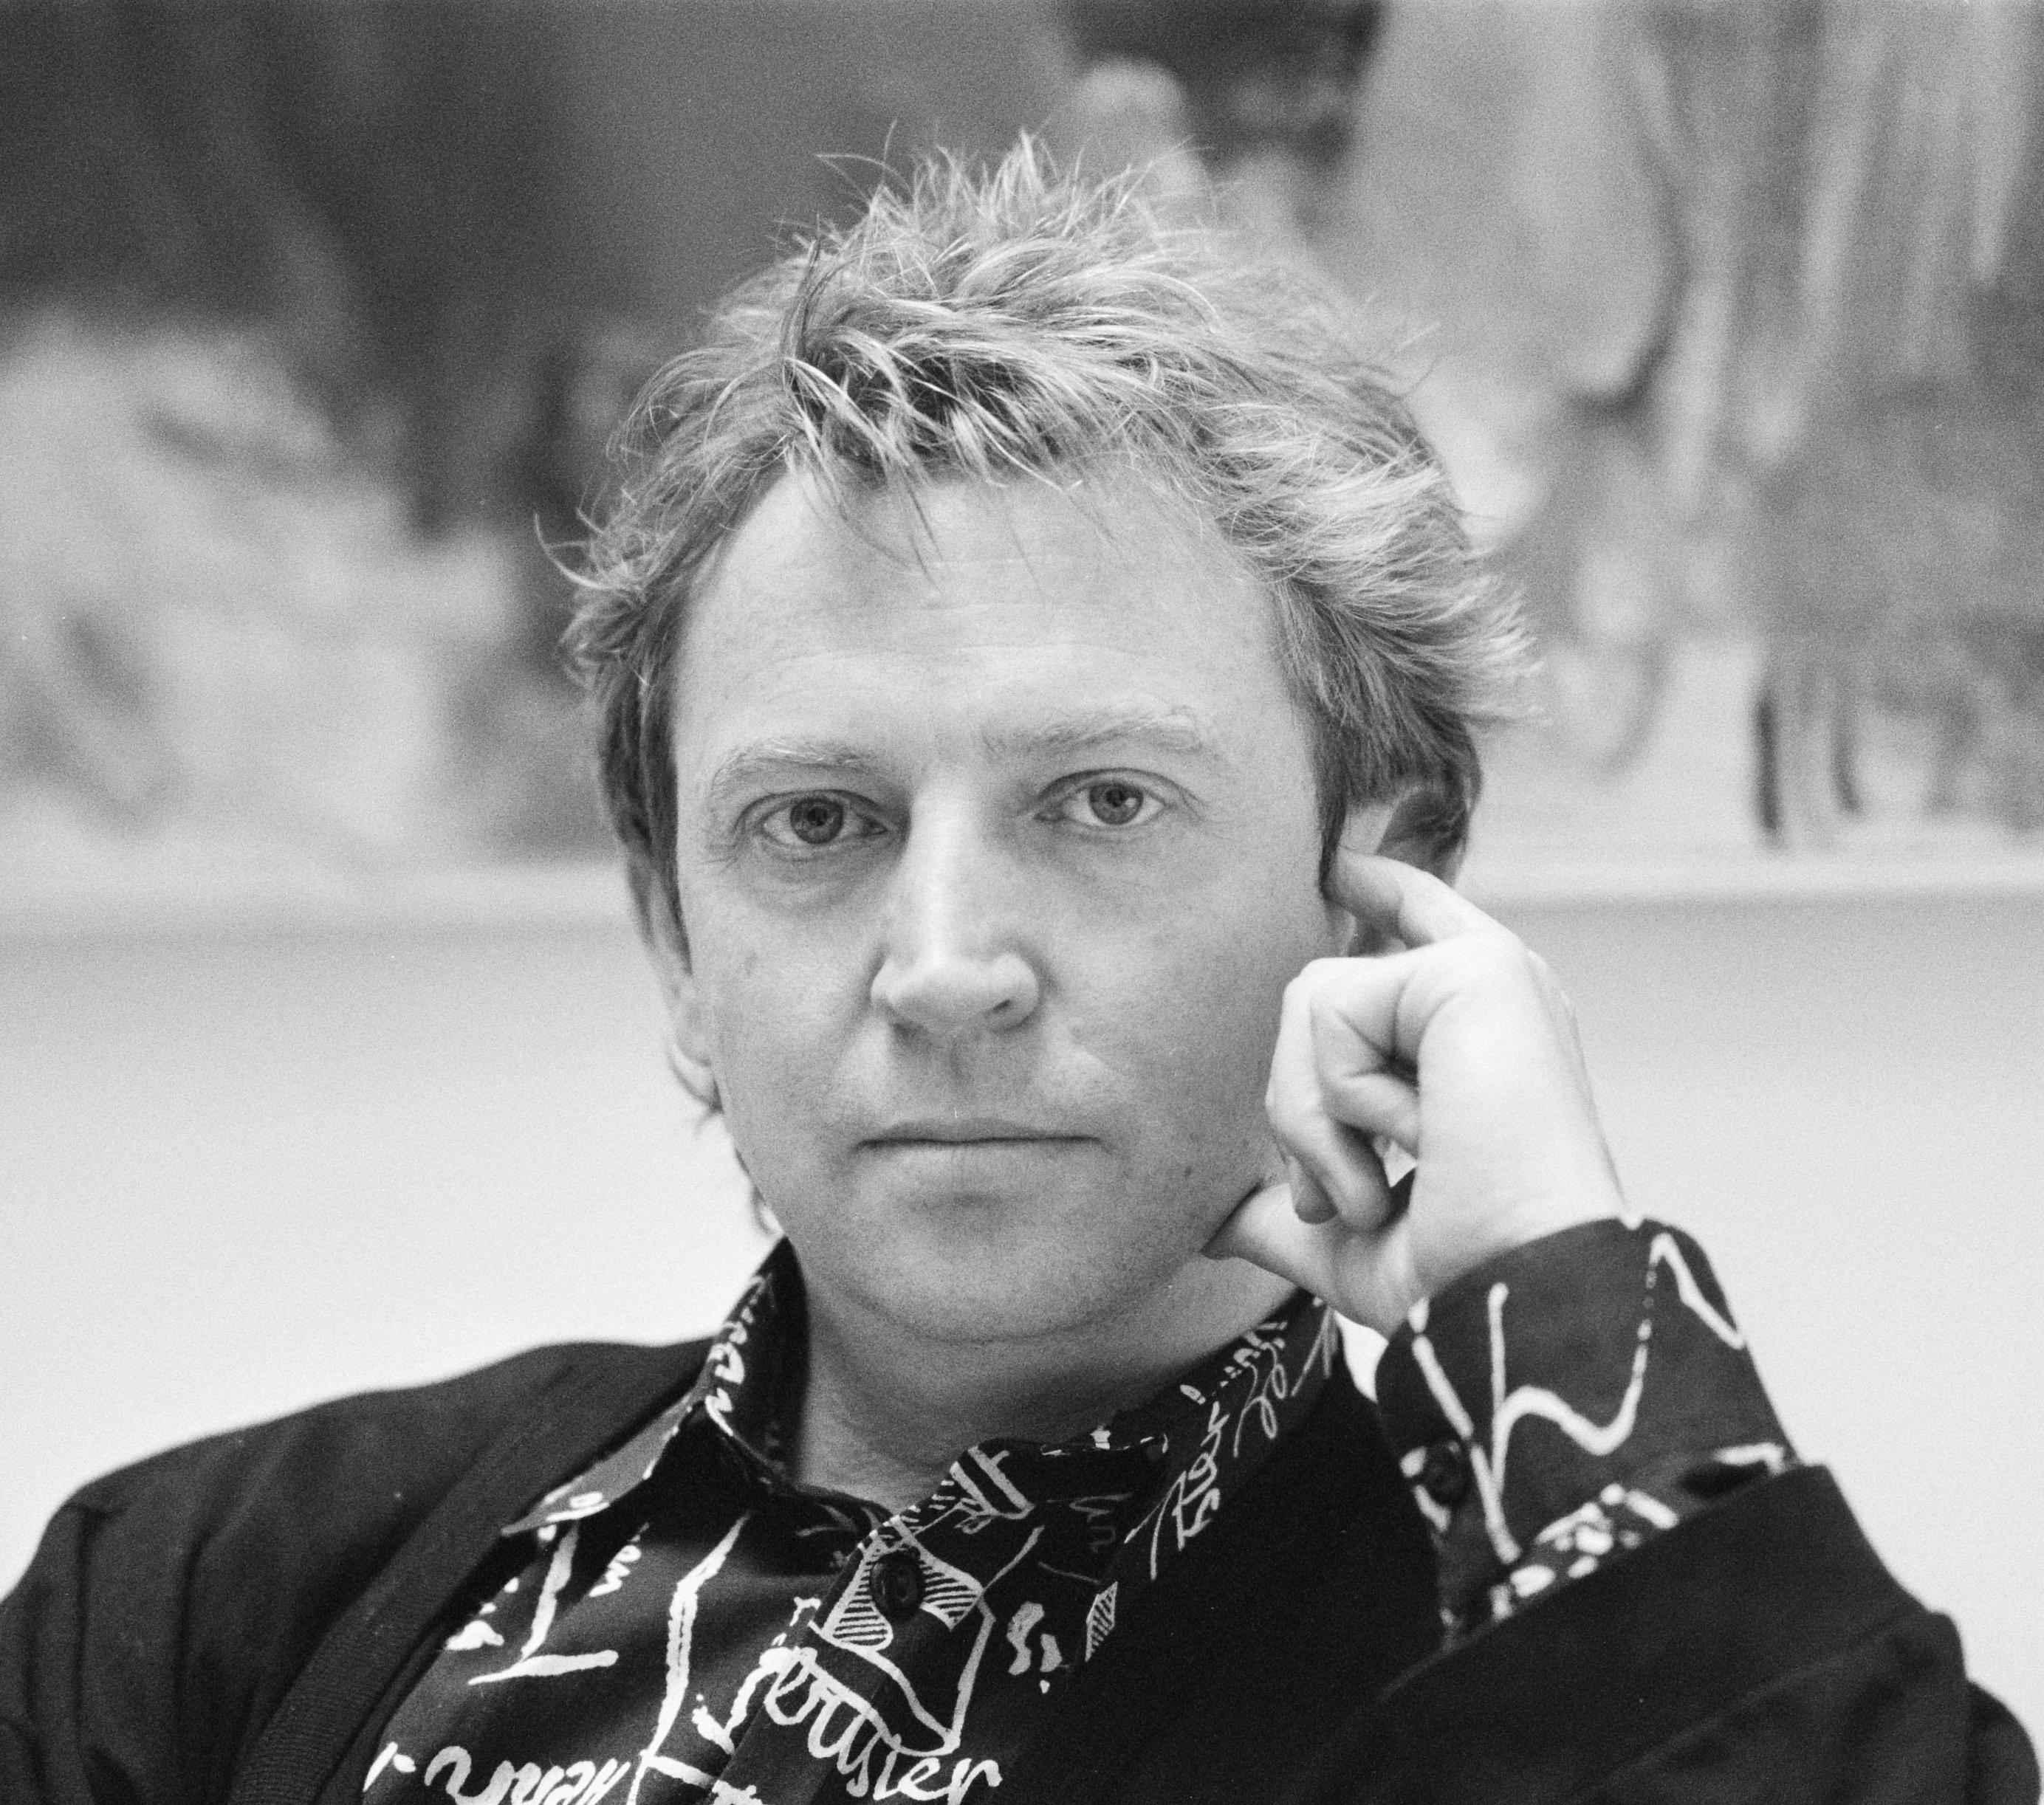 Resultado de imagen de Andy Summers